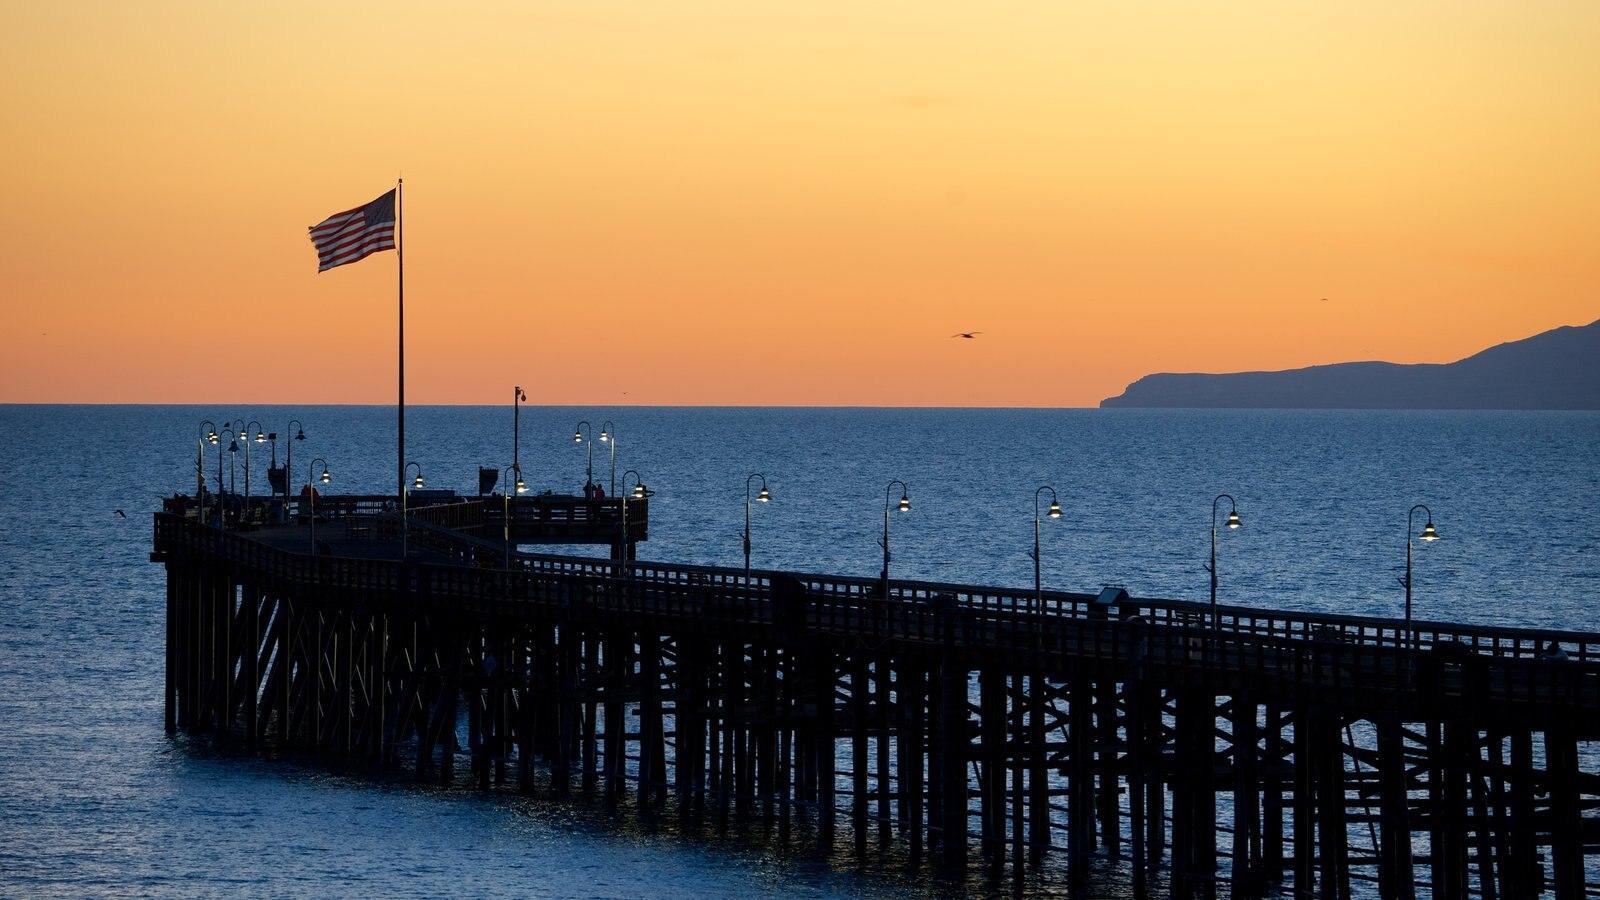 Ventura Pier caracterizando paisagens litorâneas, paisagem e um pôr do sol